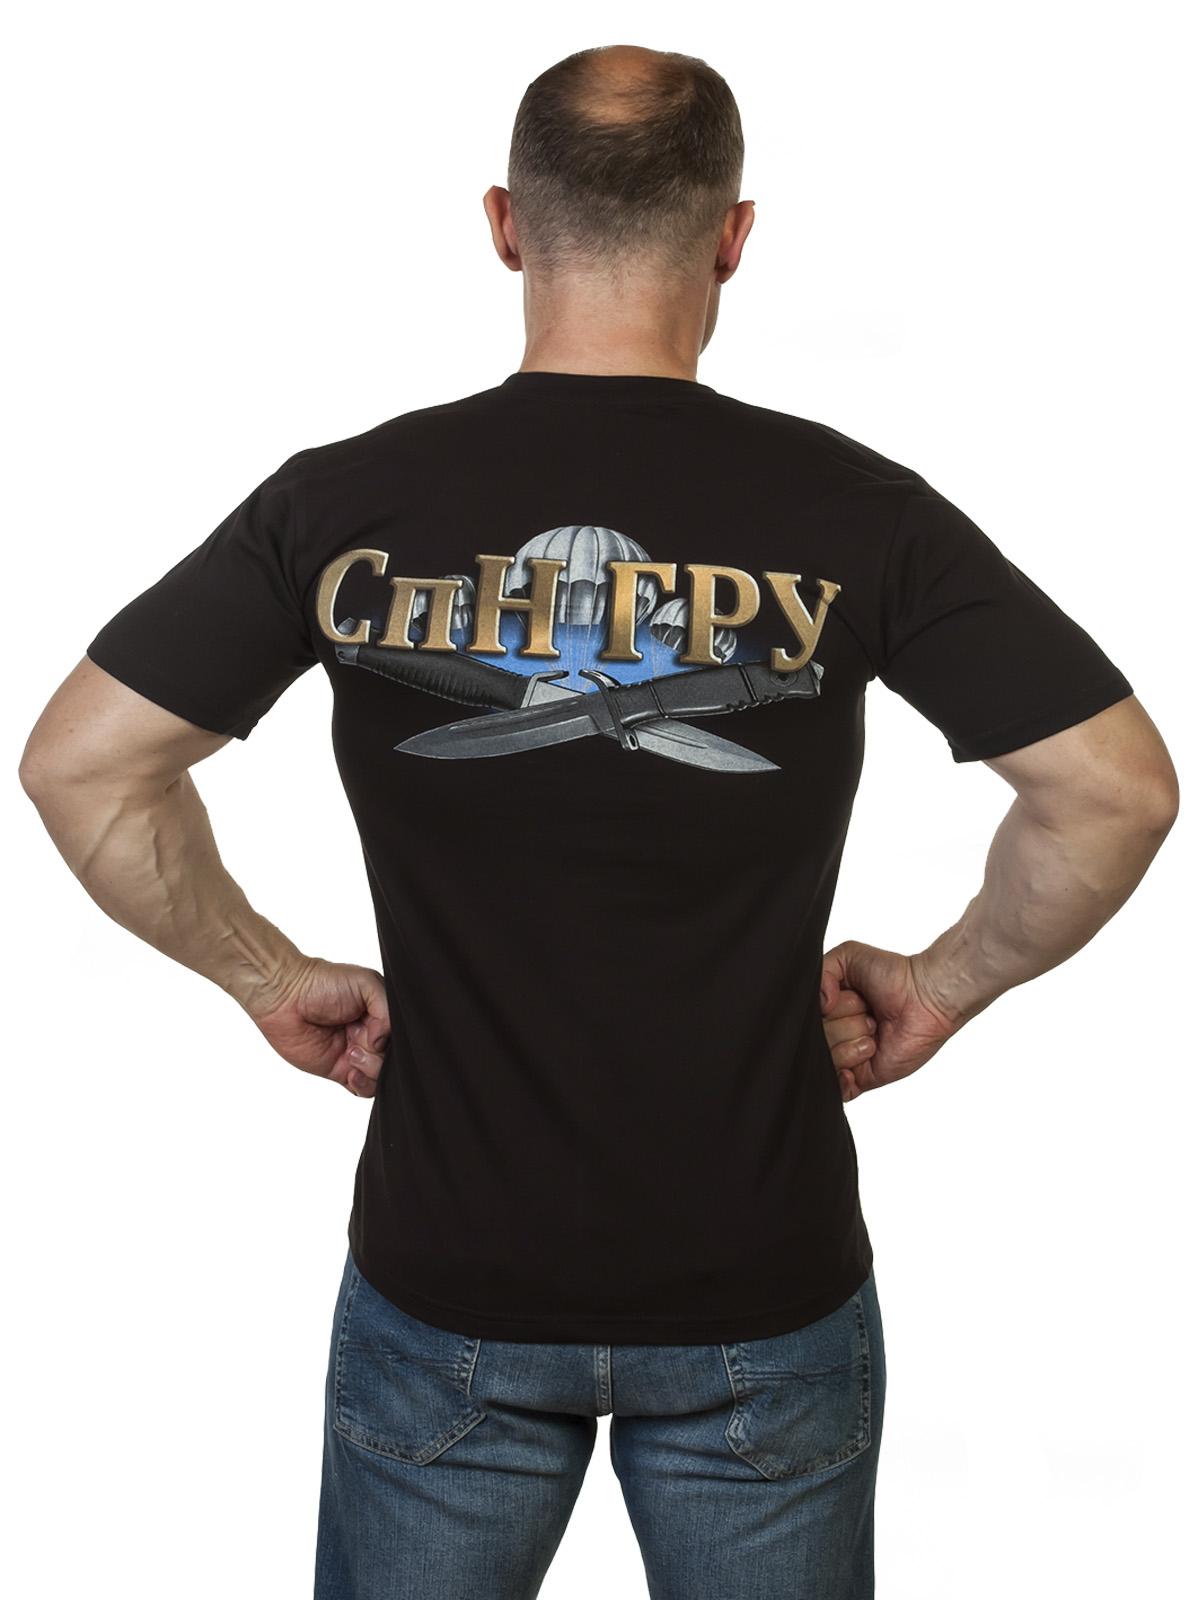 """Мужская футболка с эксклюзивным принтом """"СпН ГРУ"""" по выгодной цене"""